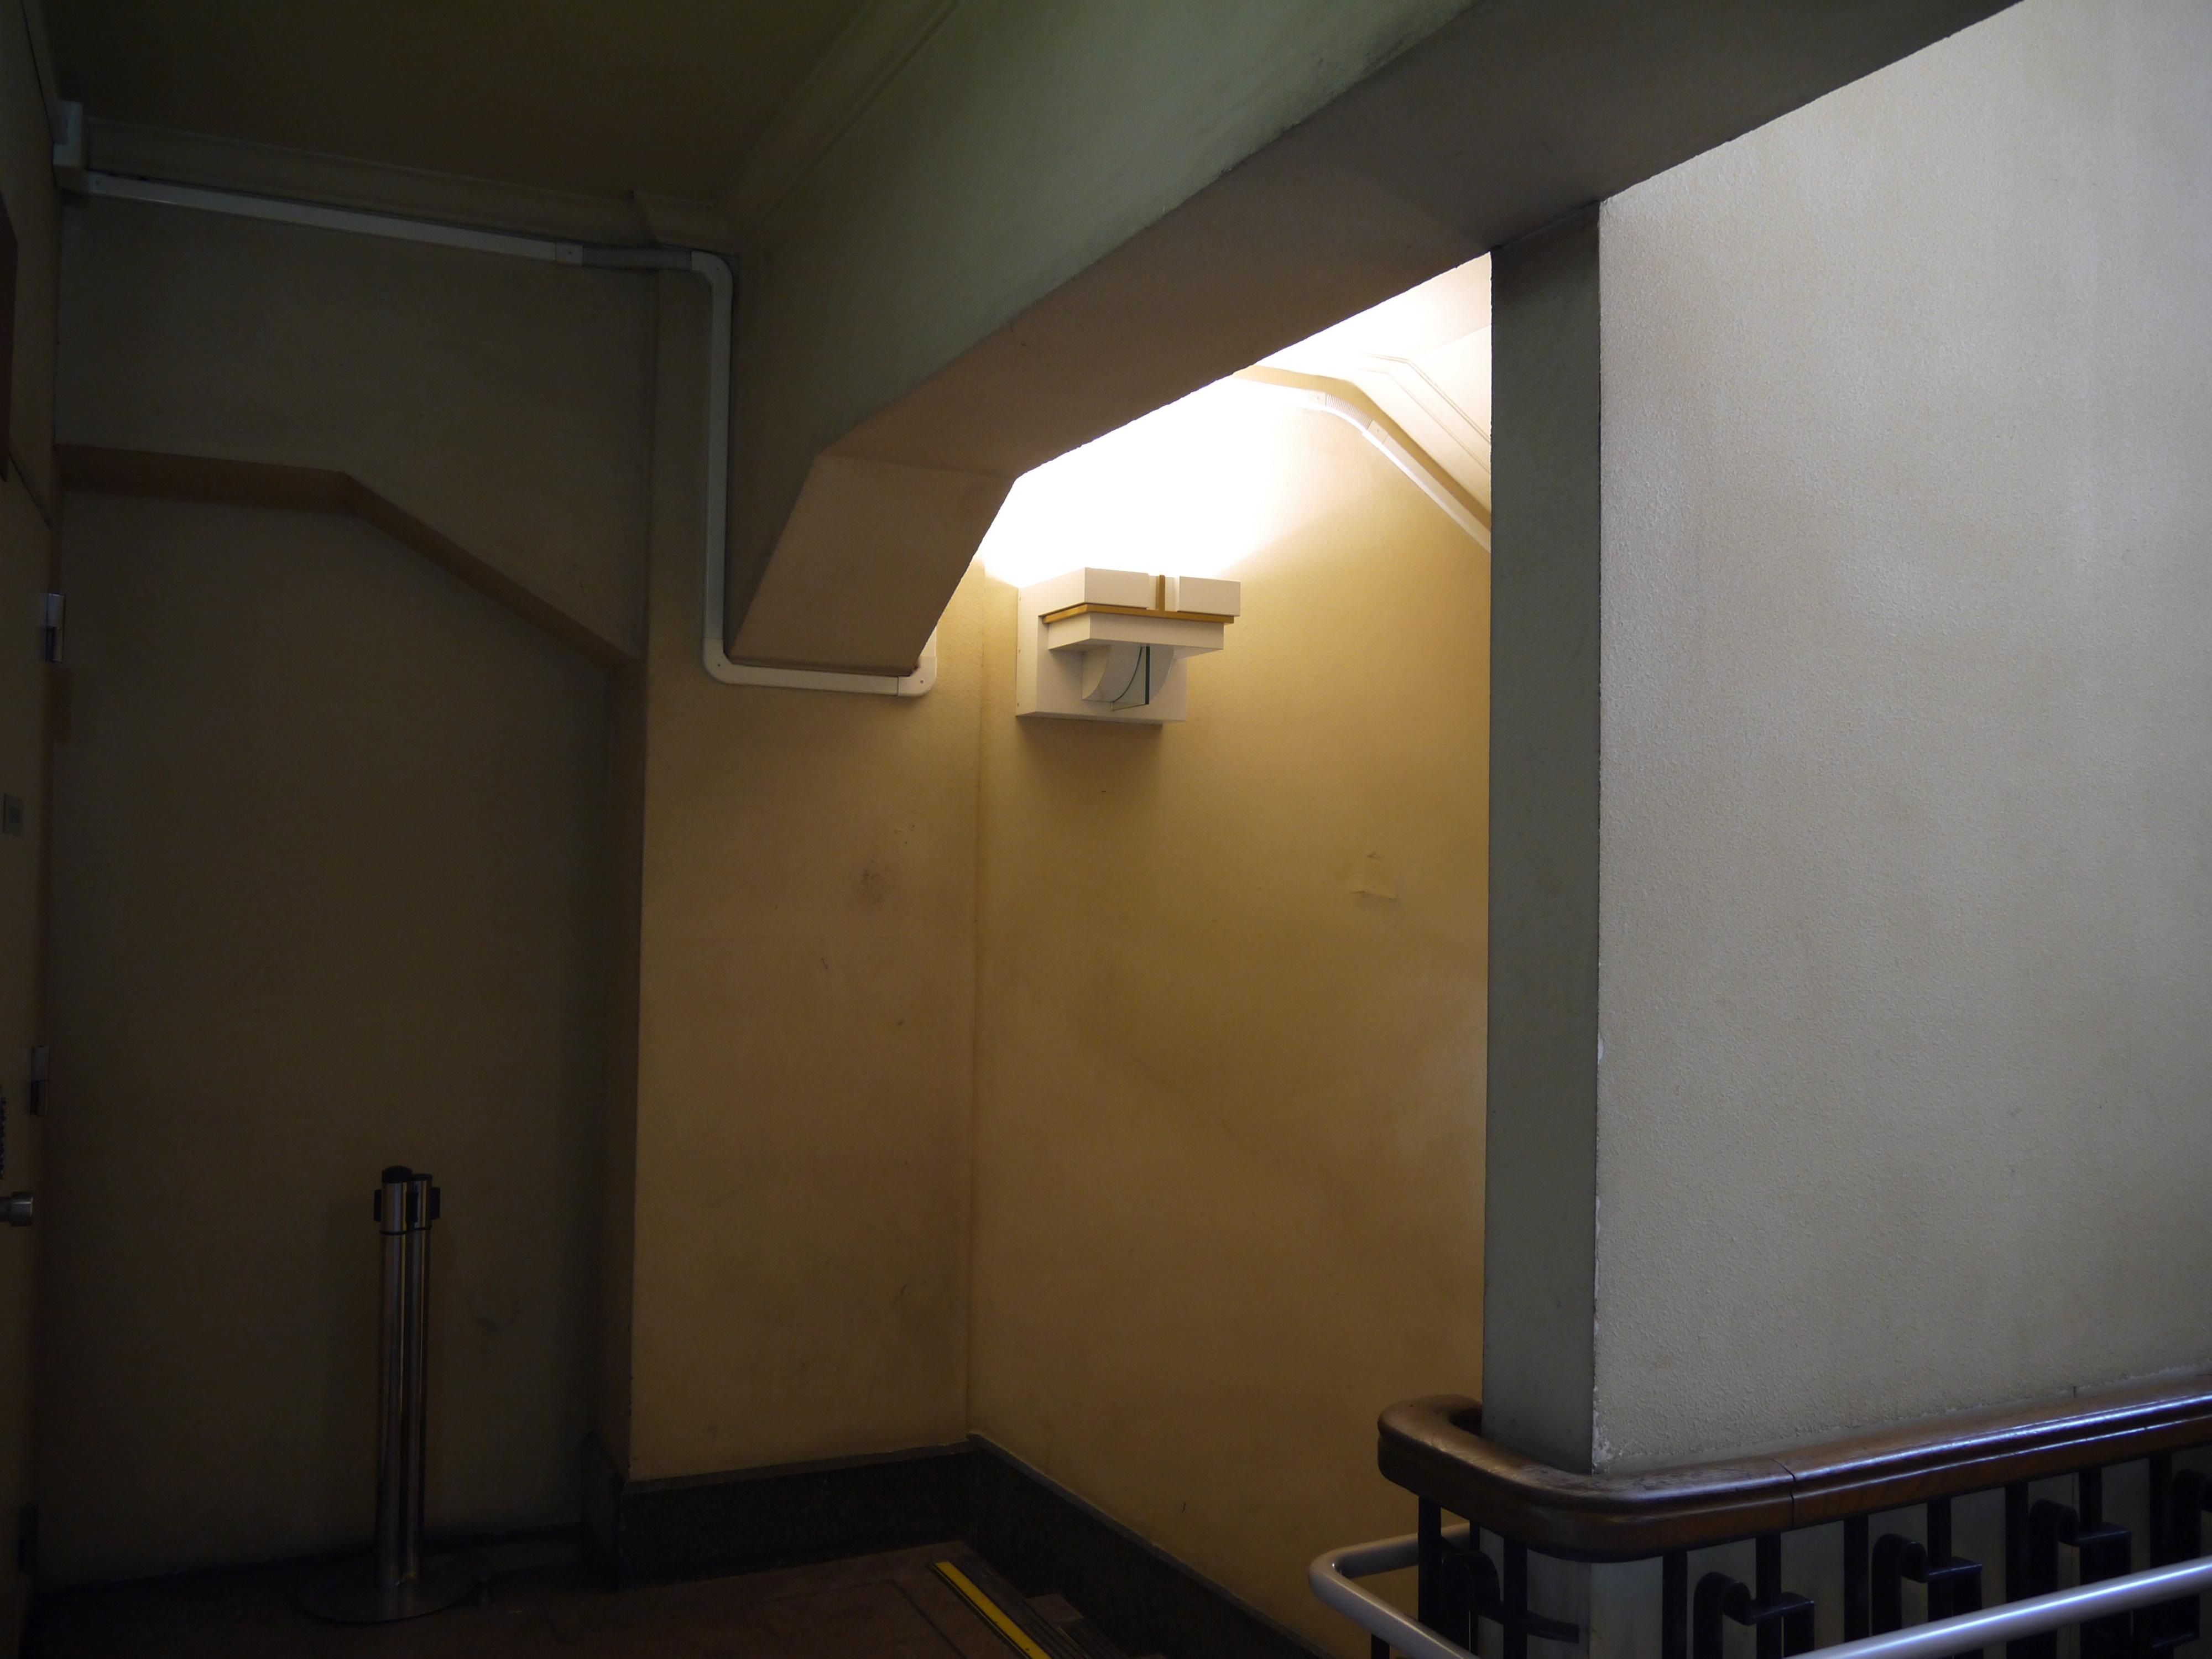 パナソニック LUMIX GF5 実写画像